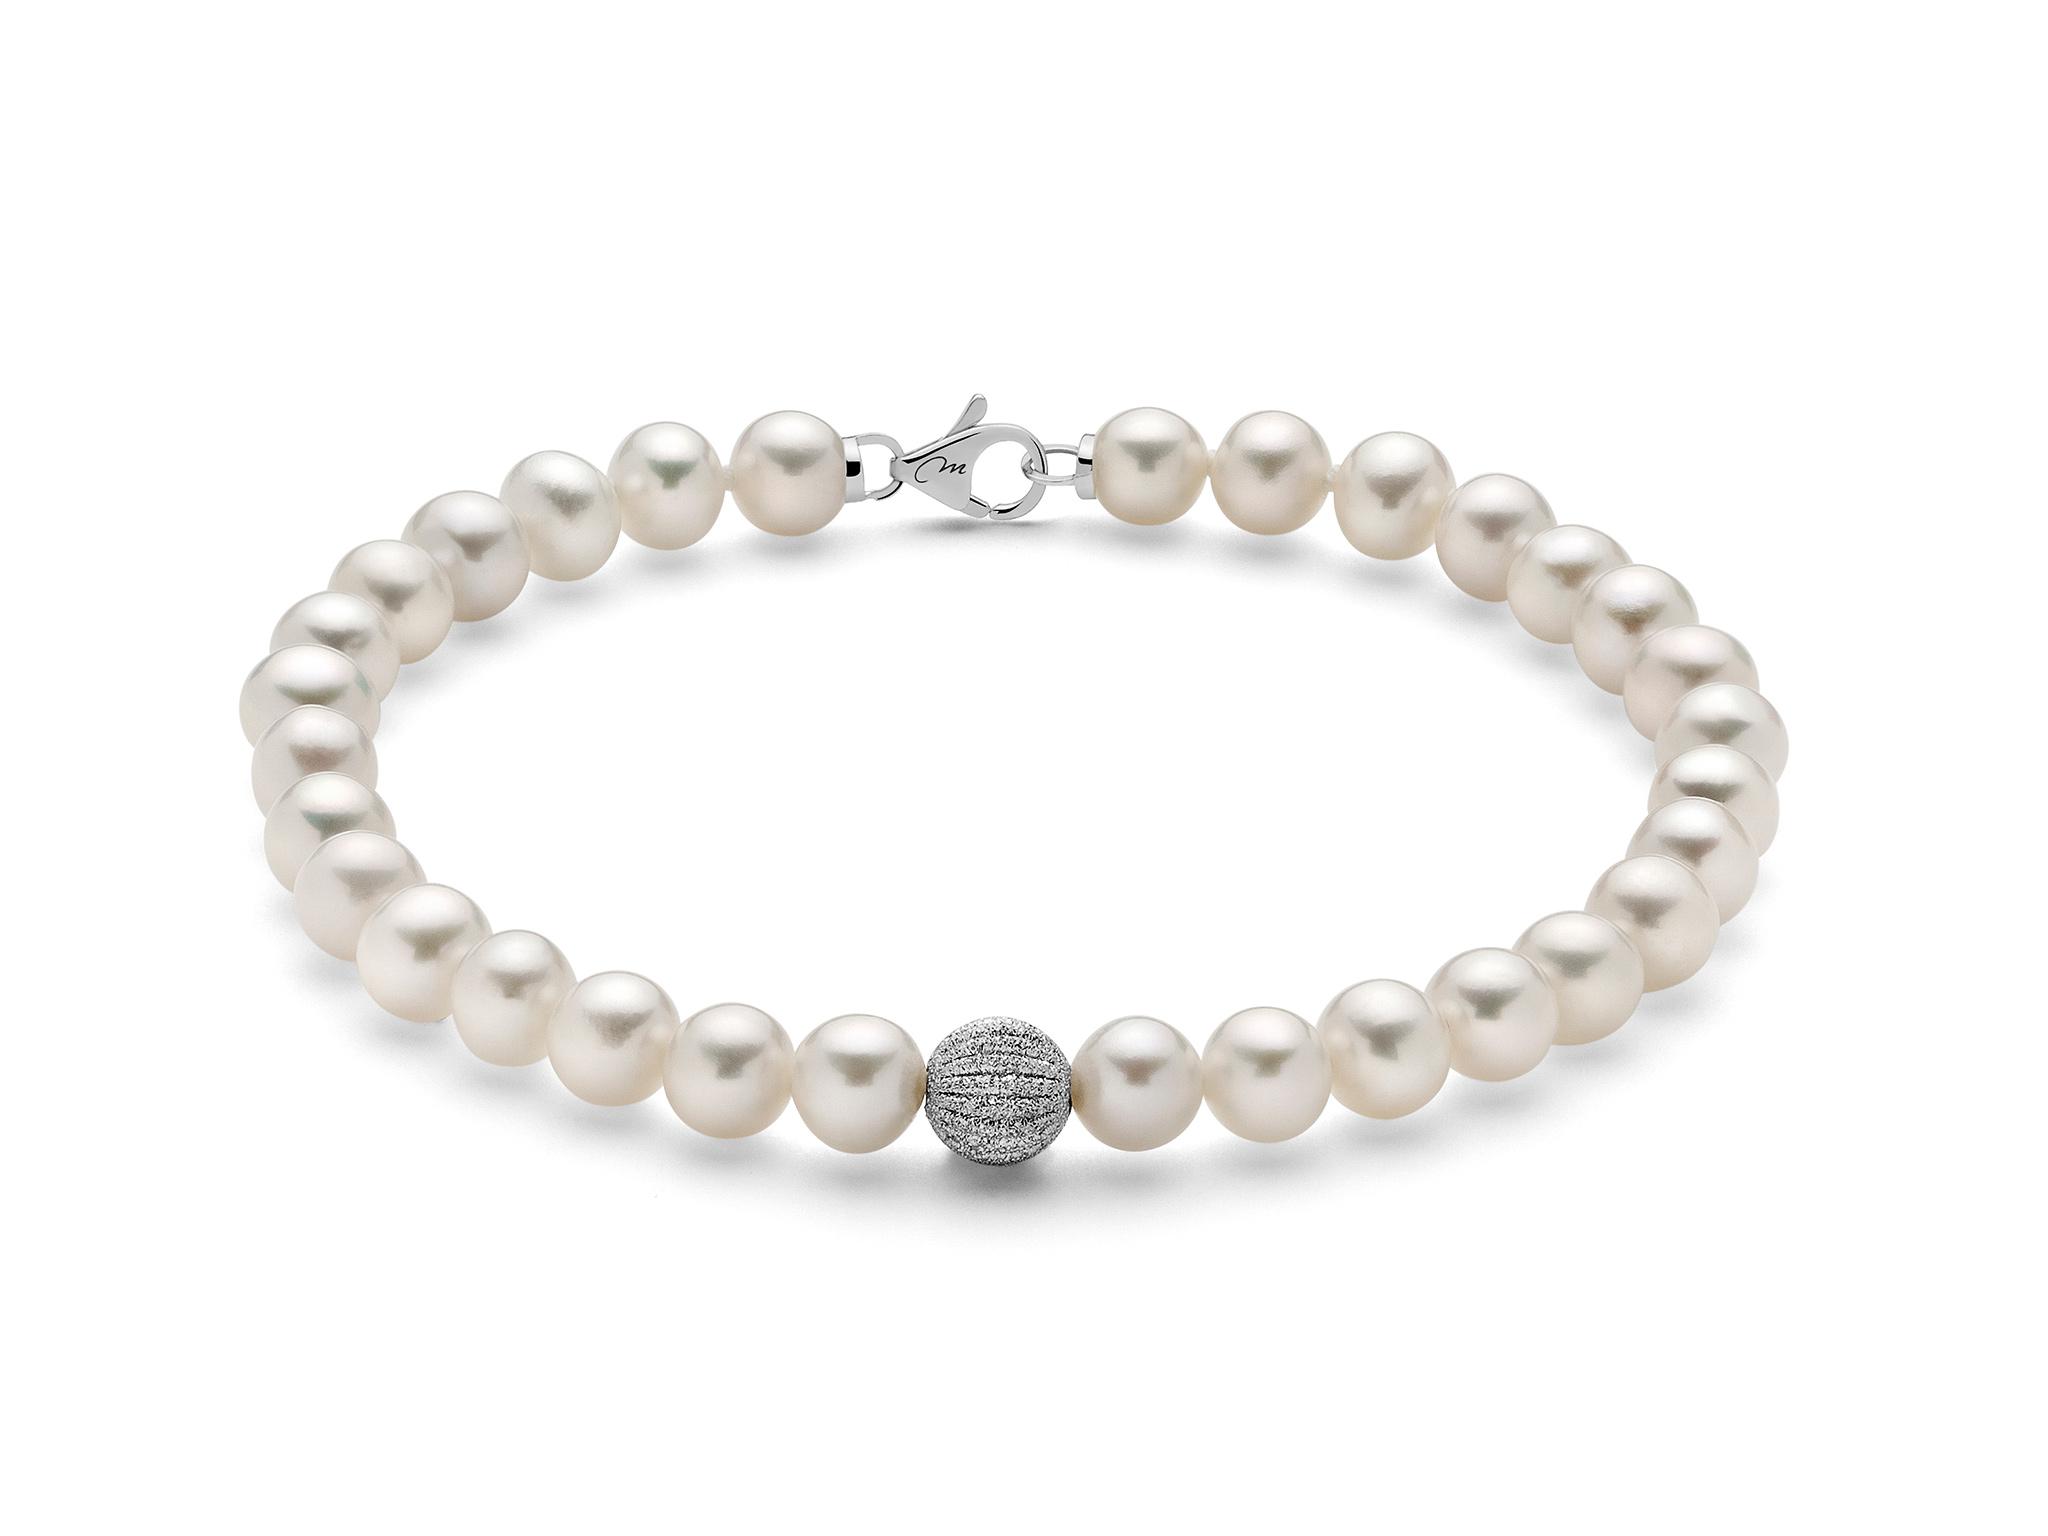 Bracciale di perle con boule diamantata rigata - PBR2534V